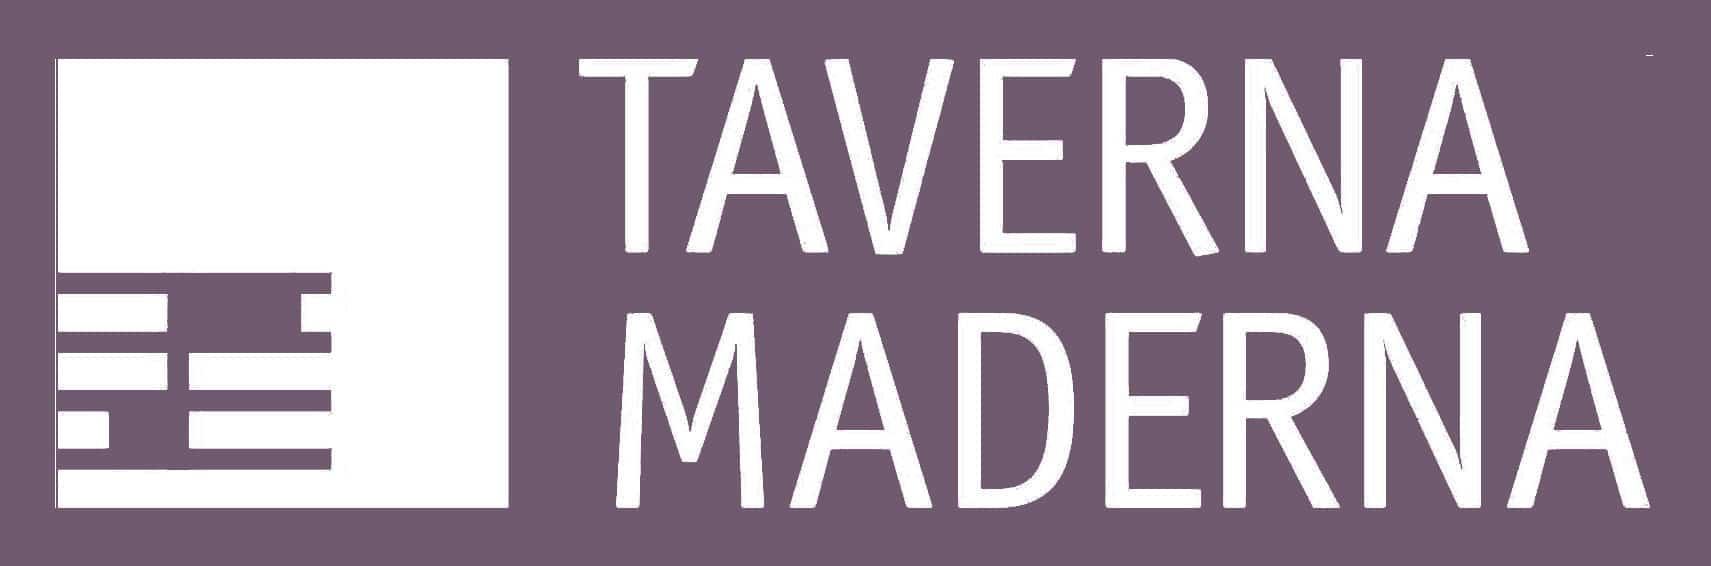 Taverna Maderna